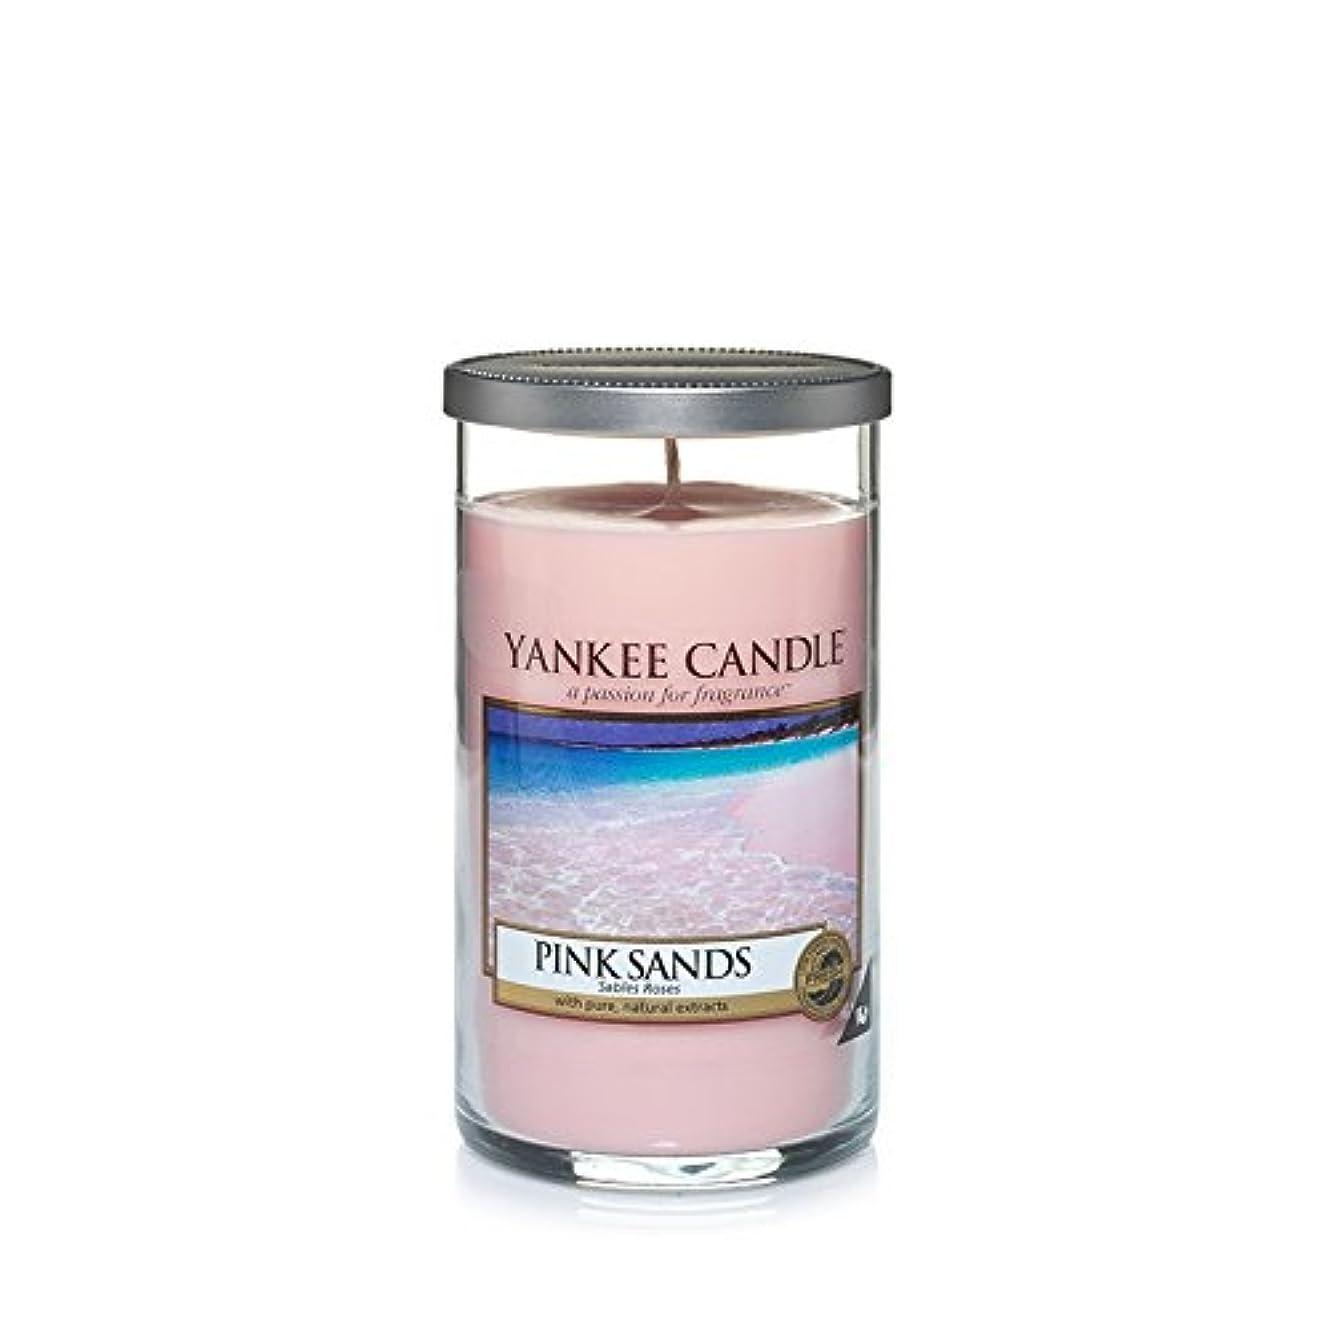 異邦人アカウント傭兵Yankee Candles Medium Pillar Candle - Pink Sands? (Pack of 2) - ヤンキーキャンドルメディアピラーキャンドル - ピンクの砂? (x2) [並行輸入品]